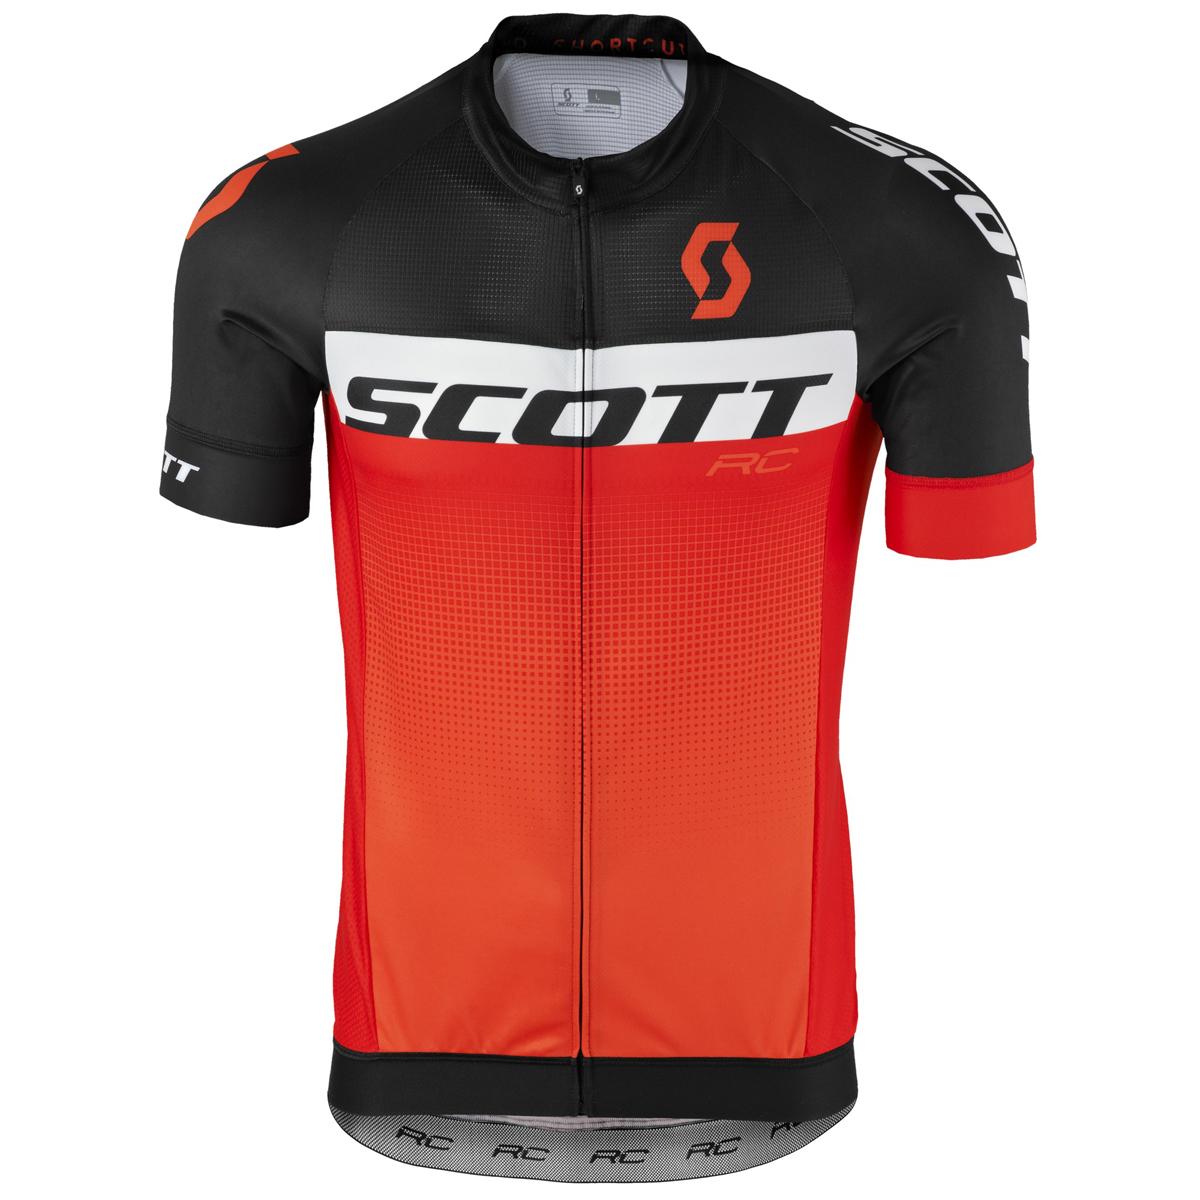 Scott RC Pro Fahrrad Trikot kurz schwarz/orange 2017   von Top ...